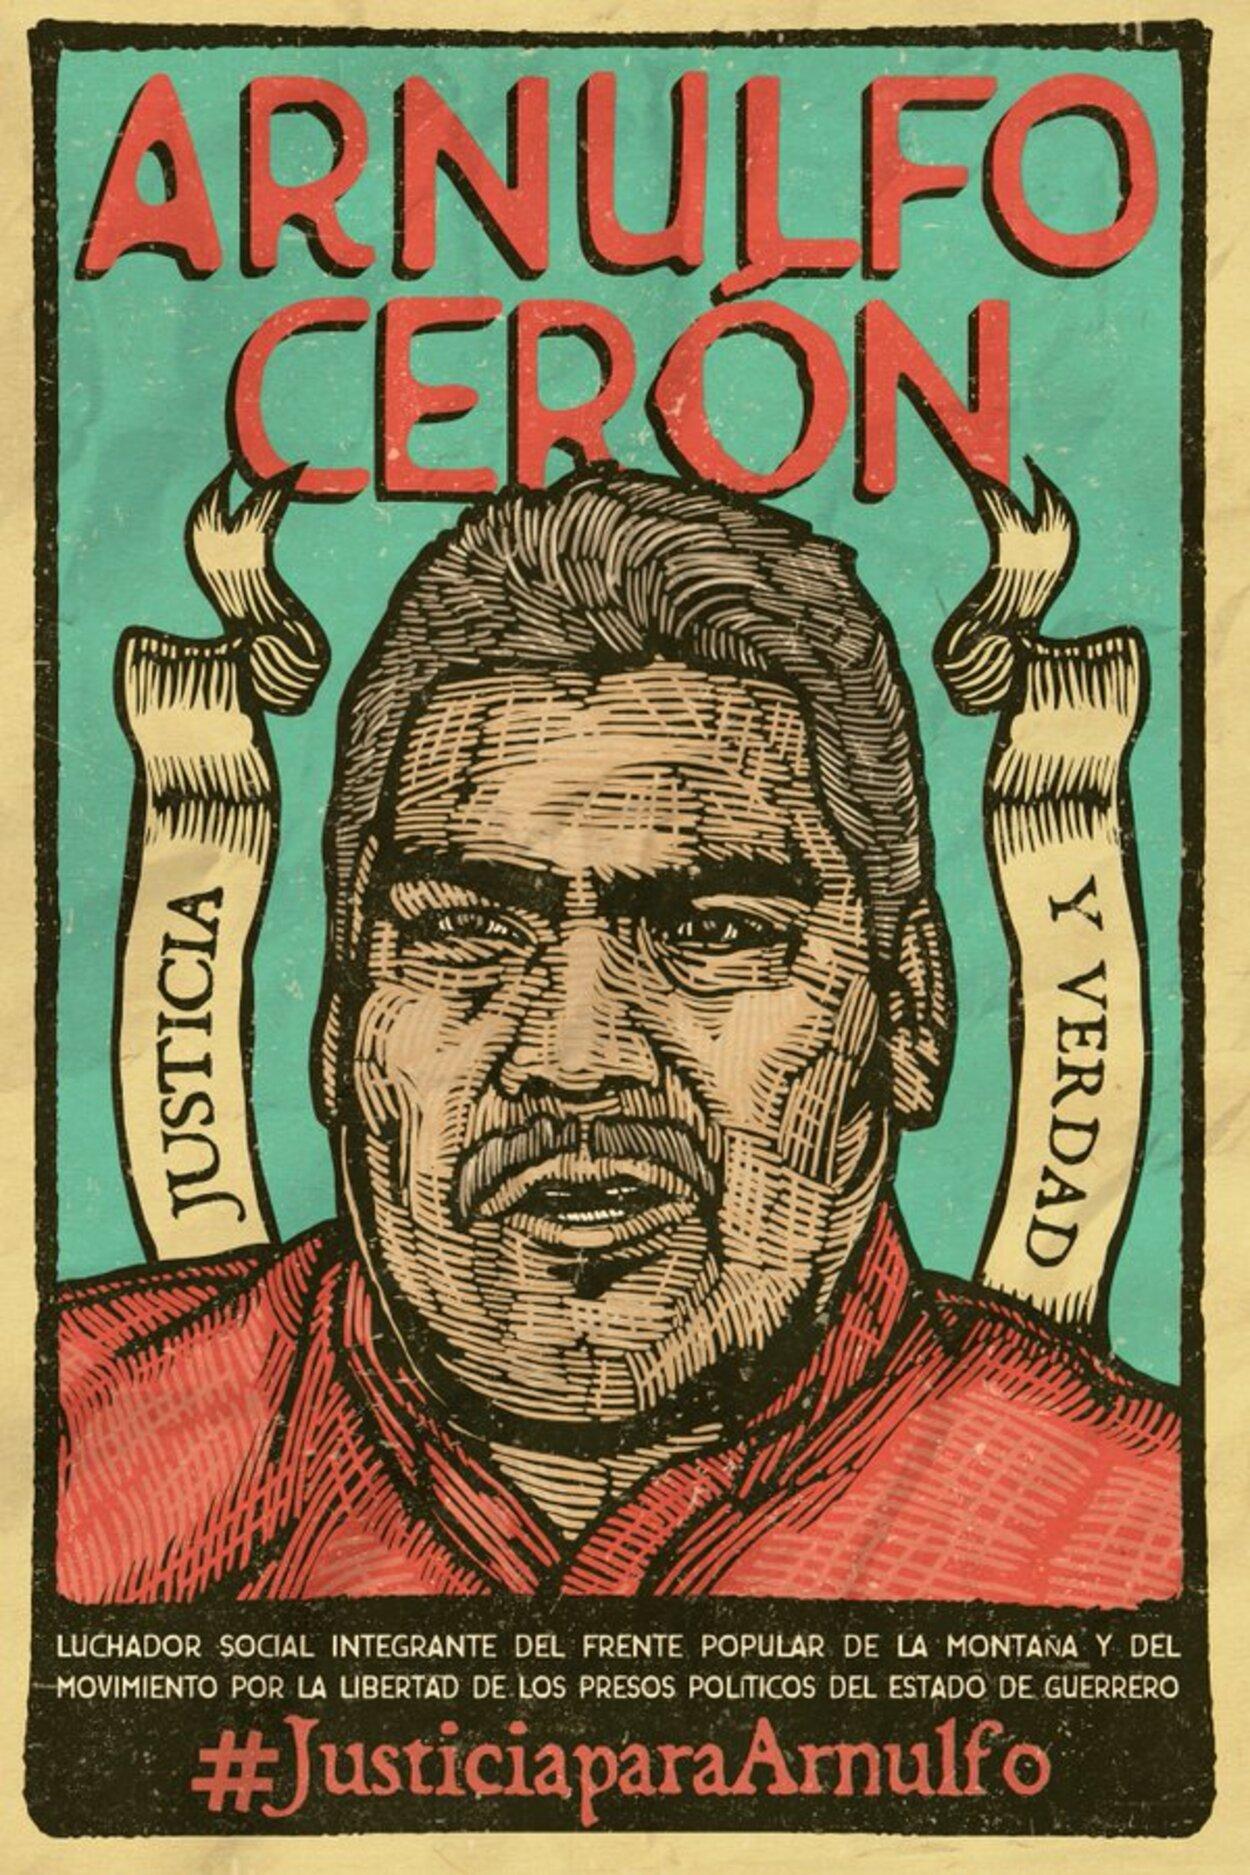 Justicia para Arnulfo Ceron